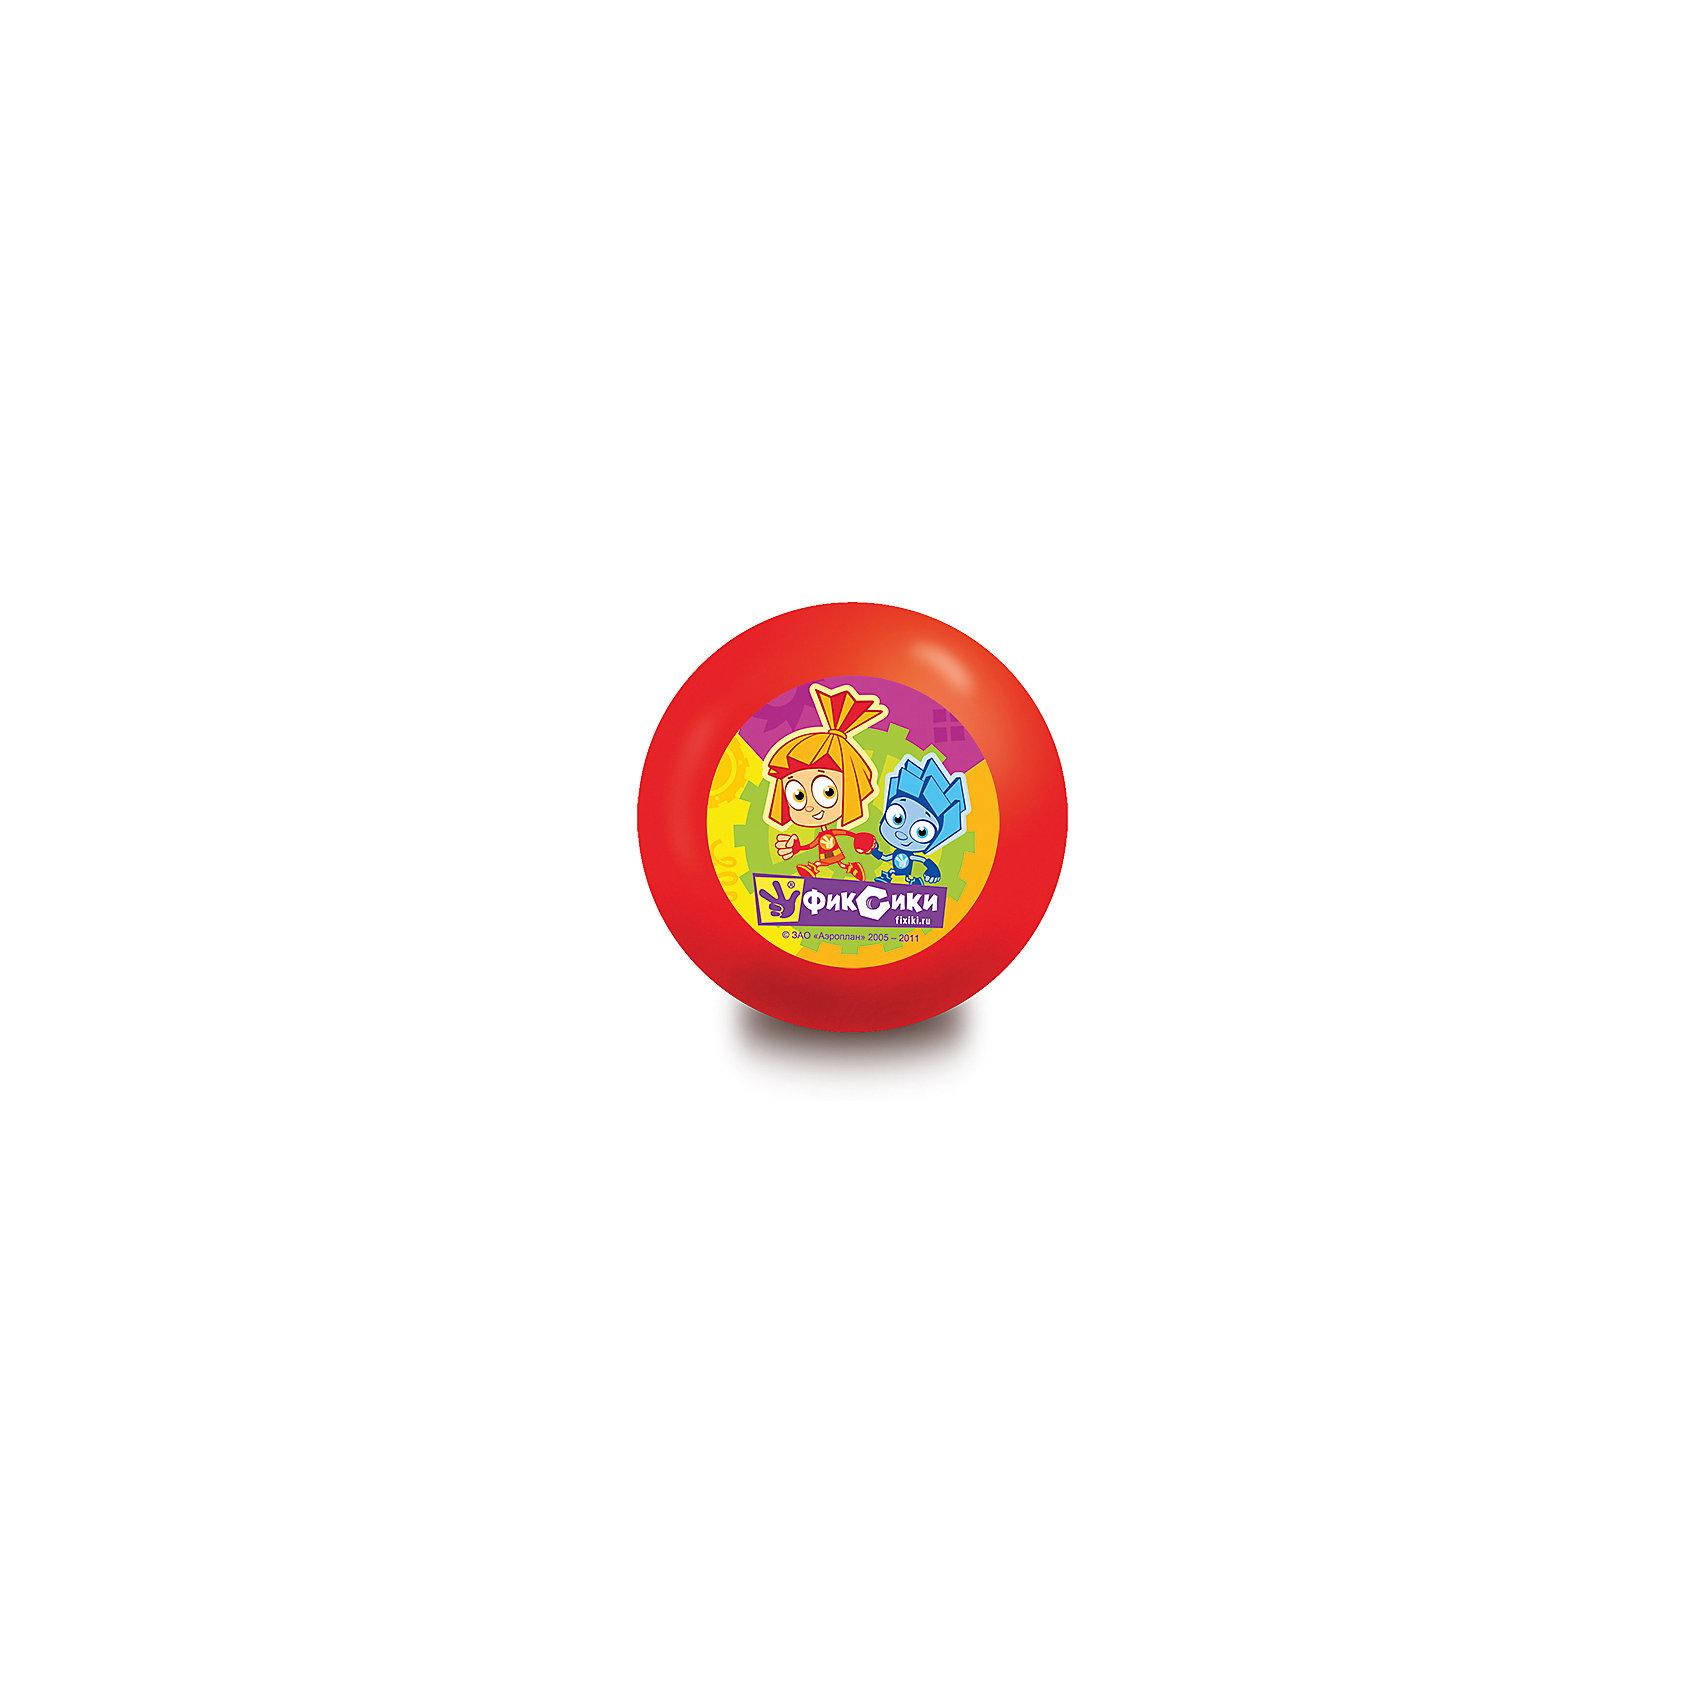 Мяч Фиксики 23см, в ассортиментеМячи детские<br>Мяч Фиксики, Играем Вместе, прекрасно подойдет для веселых и подвижных активных игр. Мяч выполнен из прочного износостойкого материла и украшен яркой картинкой с изображением забавных маленьких человечков из популярного мультсериала Фиксики. Не выцветает на солнце и полностью безопасен для детского здоровья. Продается в сдутом виде, упаковка - сетка. В ассортименте представлены мячи разных цветов: красный, оранжевый, желтый, розовый, зеленый, голубой.<br><br>Дополнительная информация:<br><br>- Материал: ПВХ.<br>- Диаметр мяча: 23 см.<br>- Вес: 100 гр.<br><br>Мяч Фиксики, Играем Вместе, можно купить в нашем интернет-магазине. <br><br>ВНИМАНИЕ! Данный артикул имеется в наличии в разных цветовых исполнениях (красный, оранжевый, желтый, розовый, зеленый, голубой). К сожалению, заранее выбрать определенный цвет не возможно.<br><br>Ширина мм: 275<br>Глубина мм: 212<br>Высота мм: 2<br>Вес г: 100<br>Возраст от месяцев: 36<br>Возраст до месяцев: 96<br>Пол: Унисекс<br>Возраст: Детский<br>SKU: 4262017